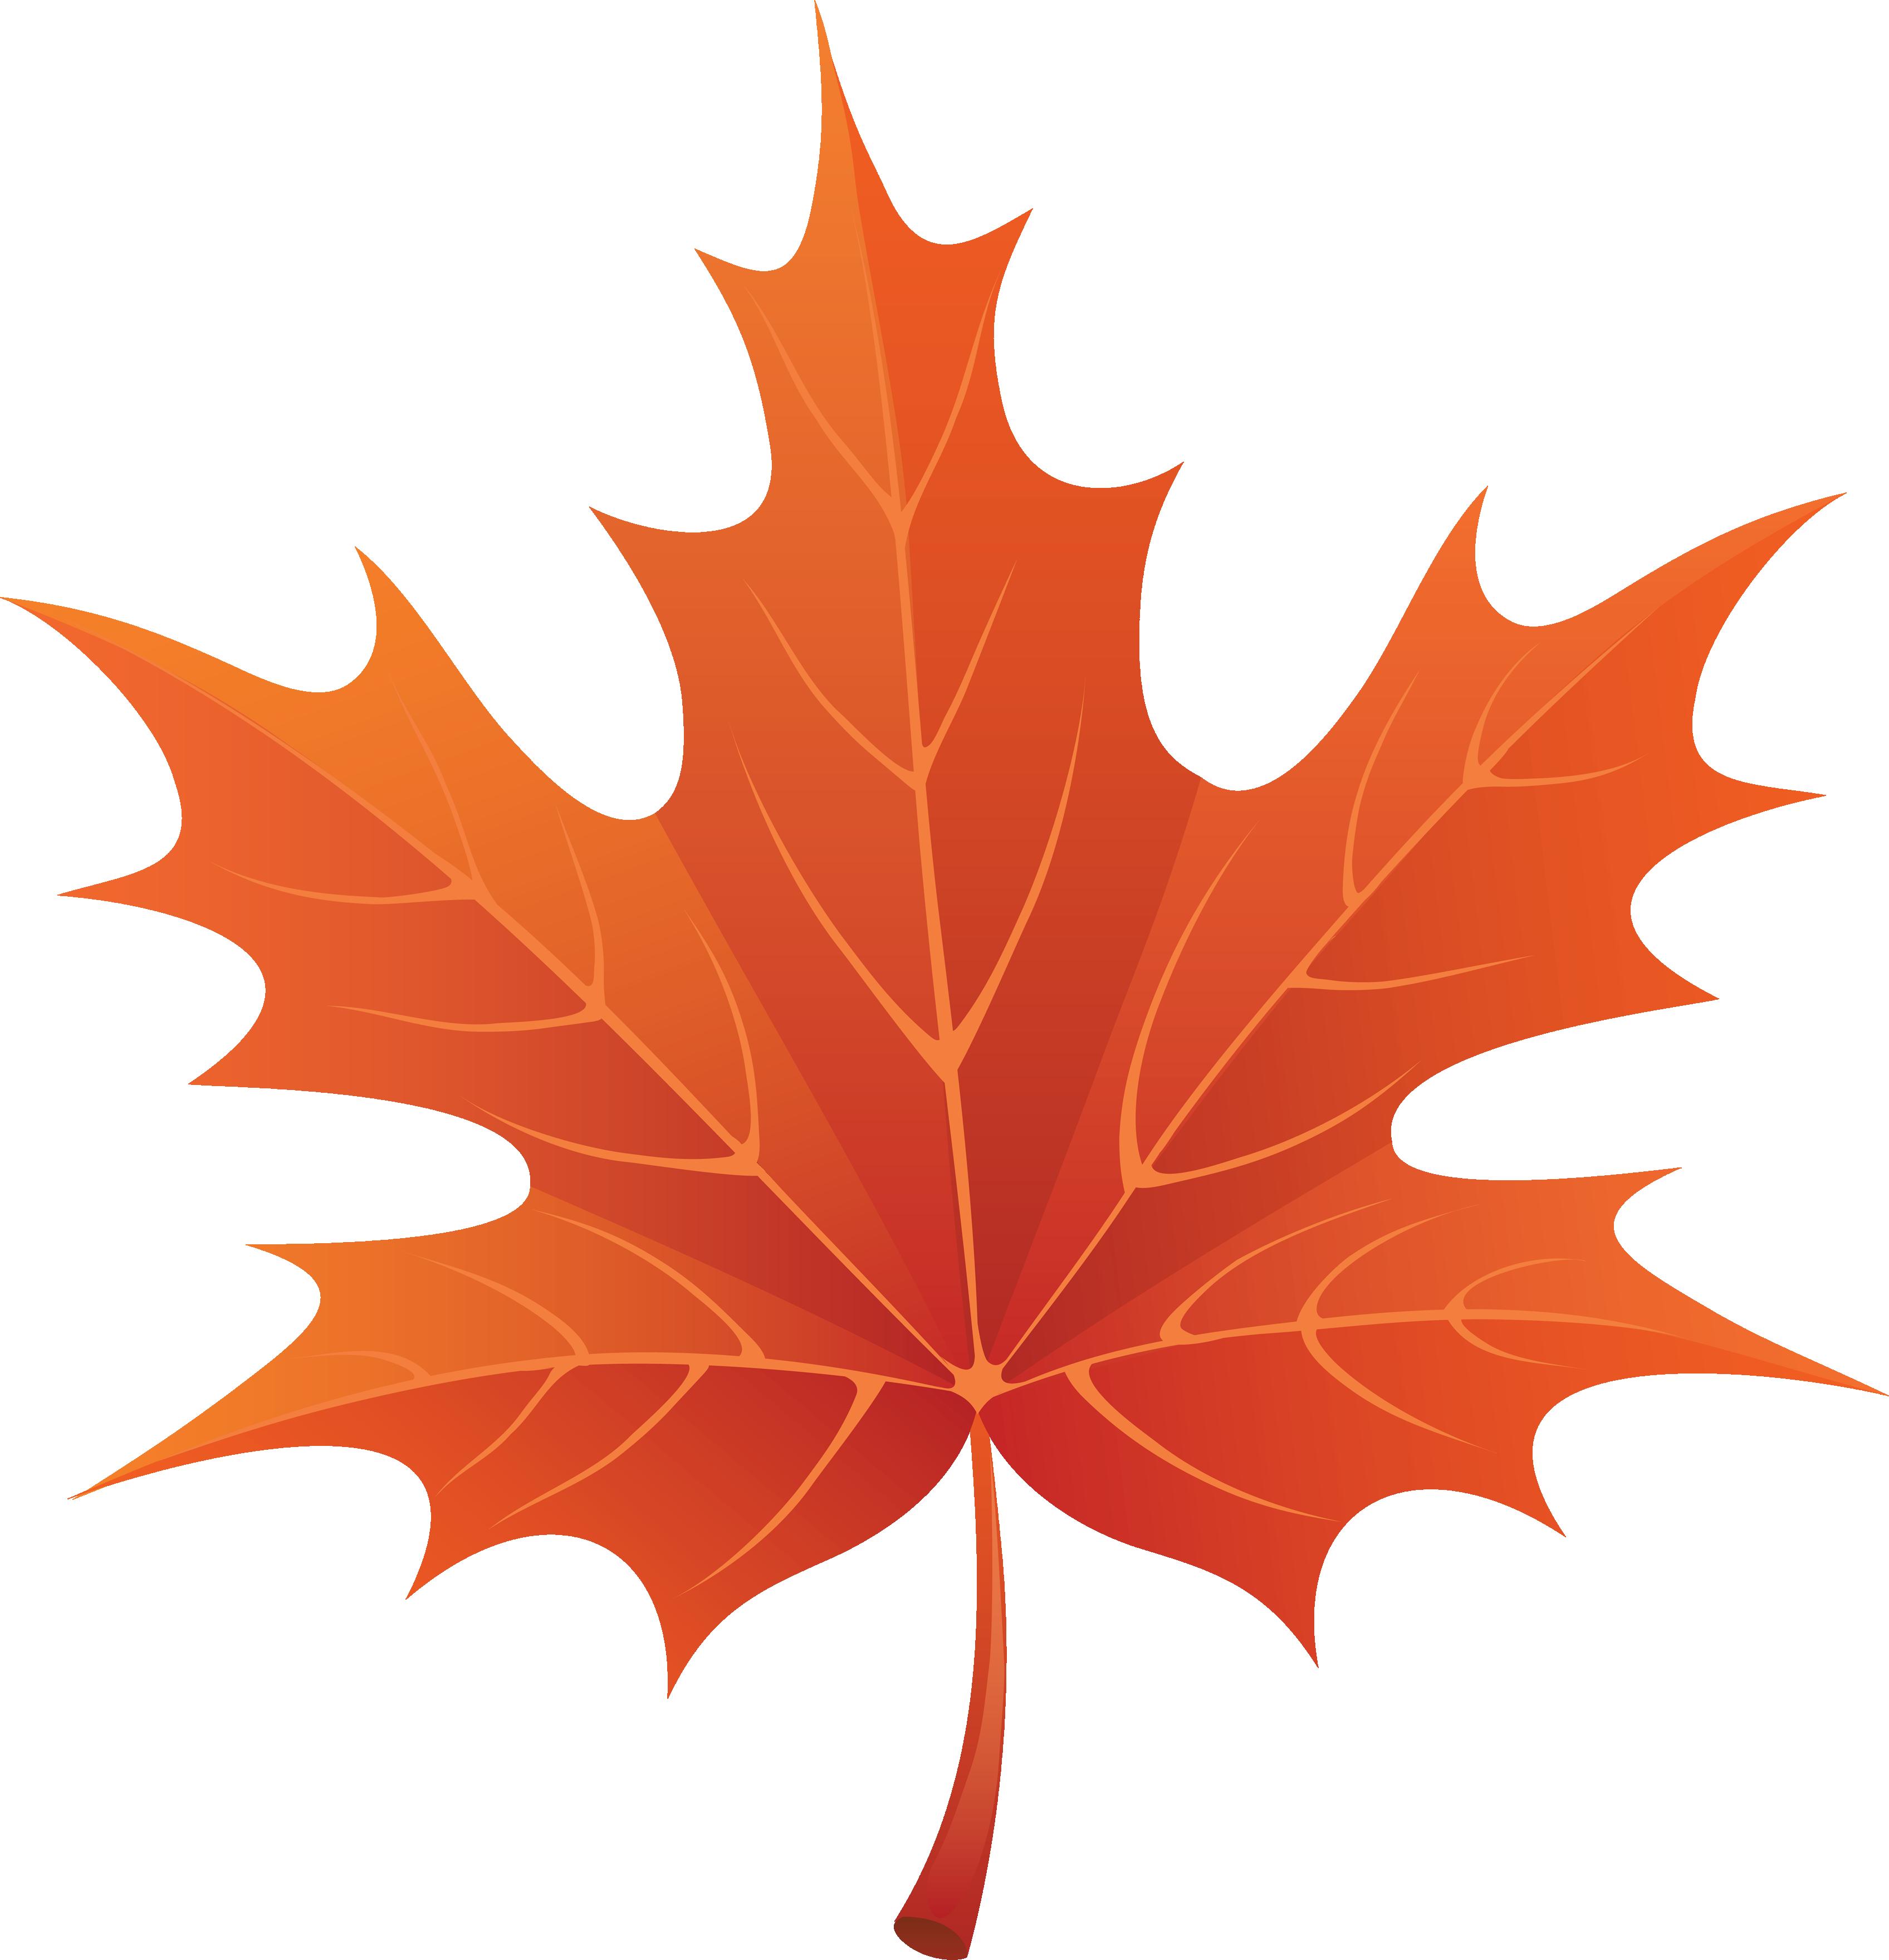 Maple Leaves Clipart - Clipar - Leaf Clipart